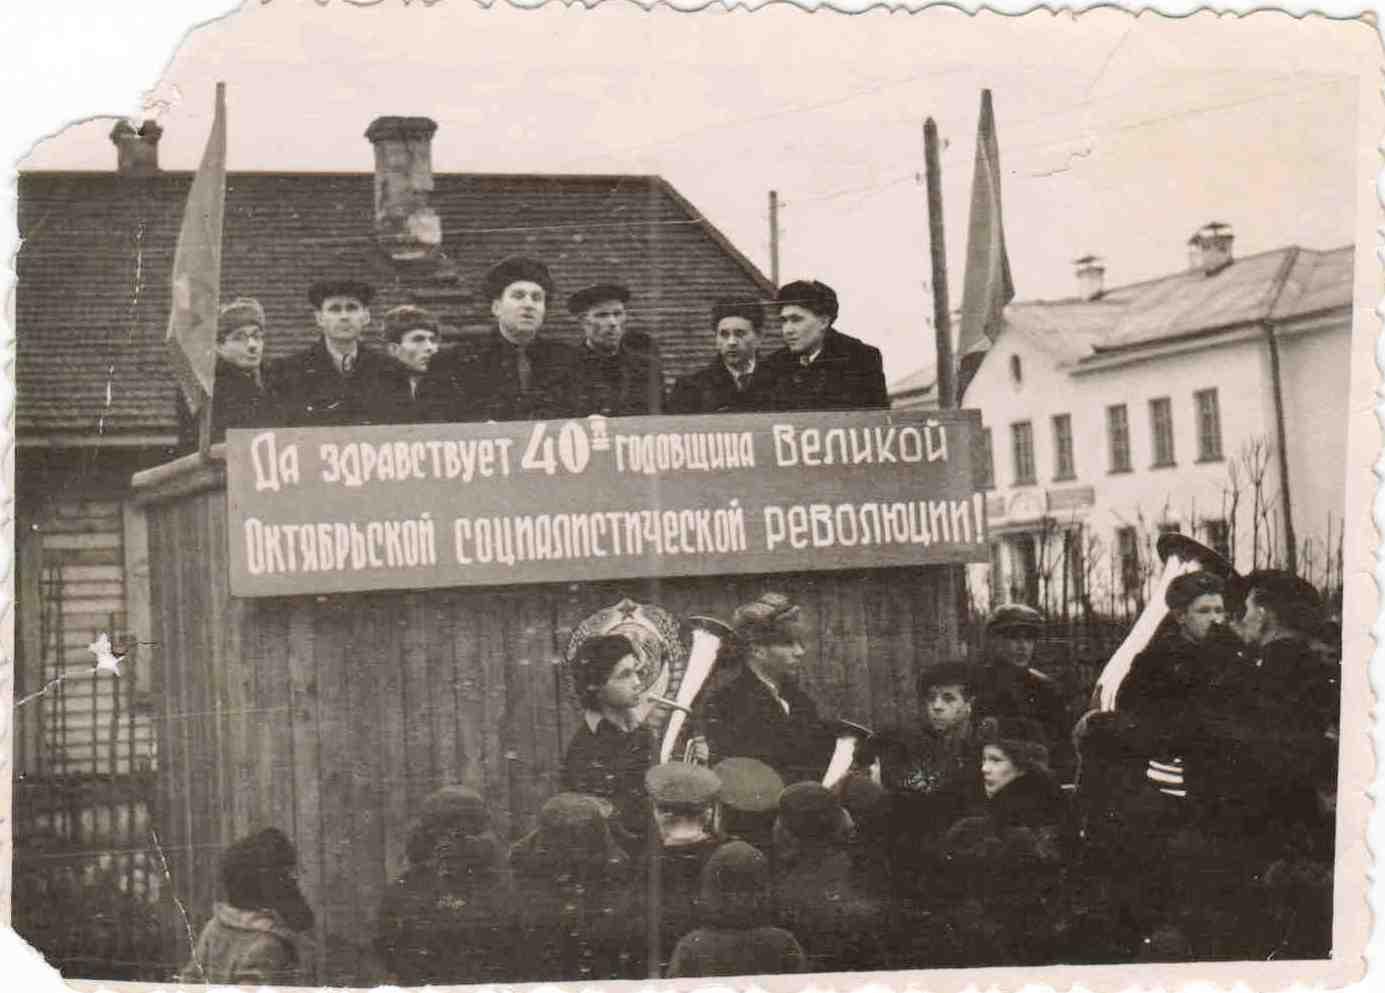 """3. """"Да здравствует 40-я годовщина Великой Октябрьской социалистической революции!"""". Митинг 07.11.1957 г., через дорогу от ж/д школы и ж/д клуба. Крайний справа Пасынков Н.И."""